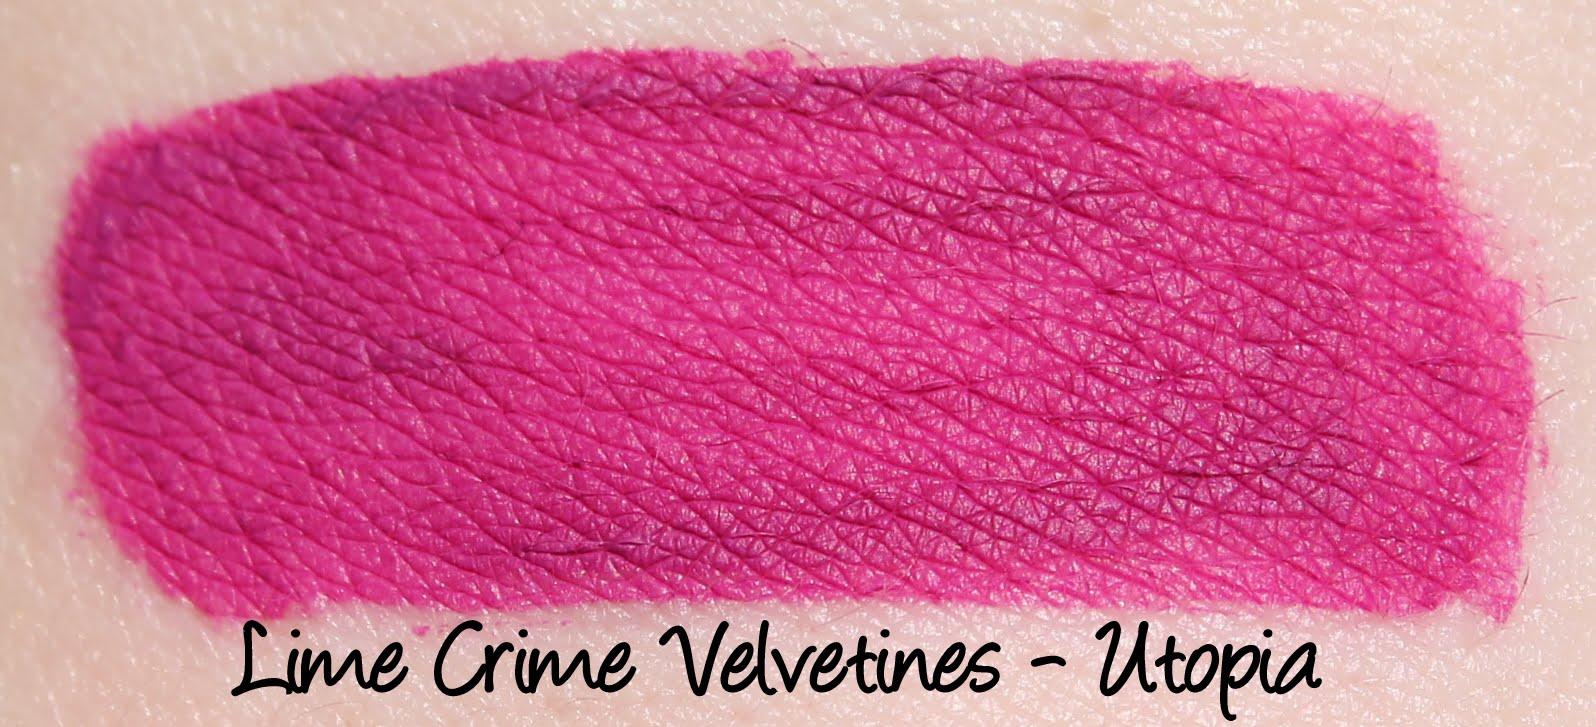 Lime Crime Velvetine - Utopia Swatch